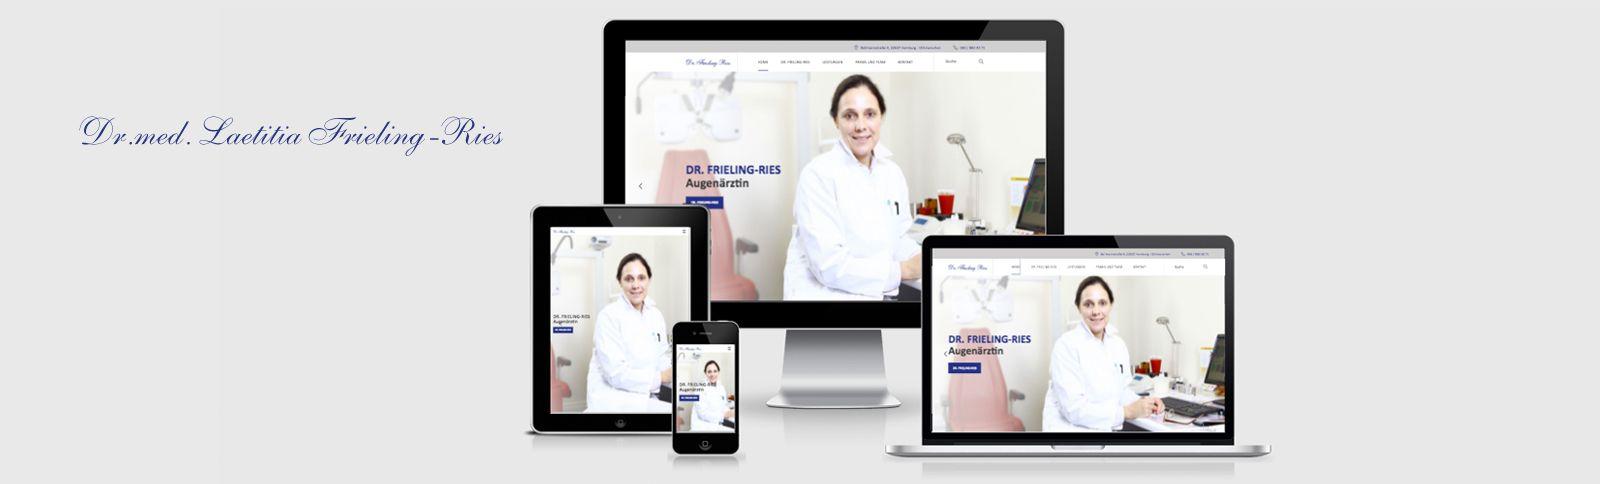 Fotoshooting und Homepage für die Augenärztin Dr. med. Laeticia Frieling-Ries durch Kähler & Kähler